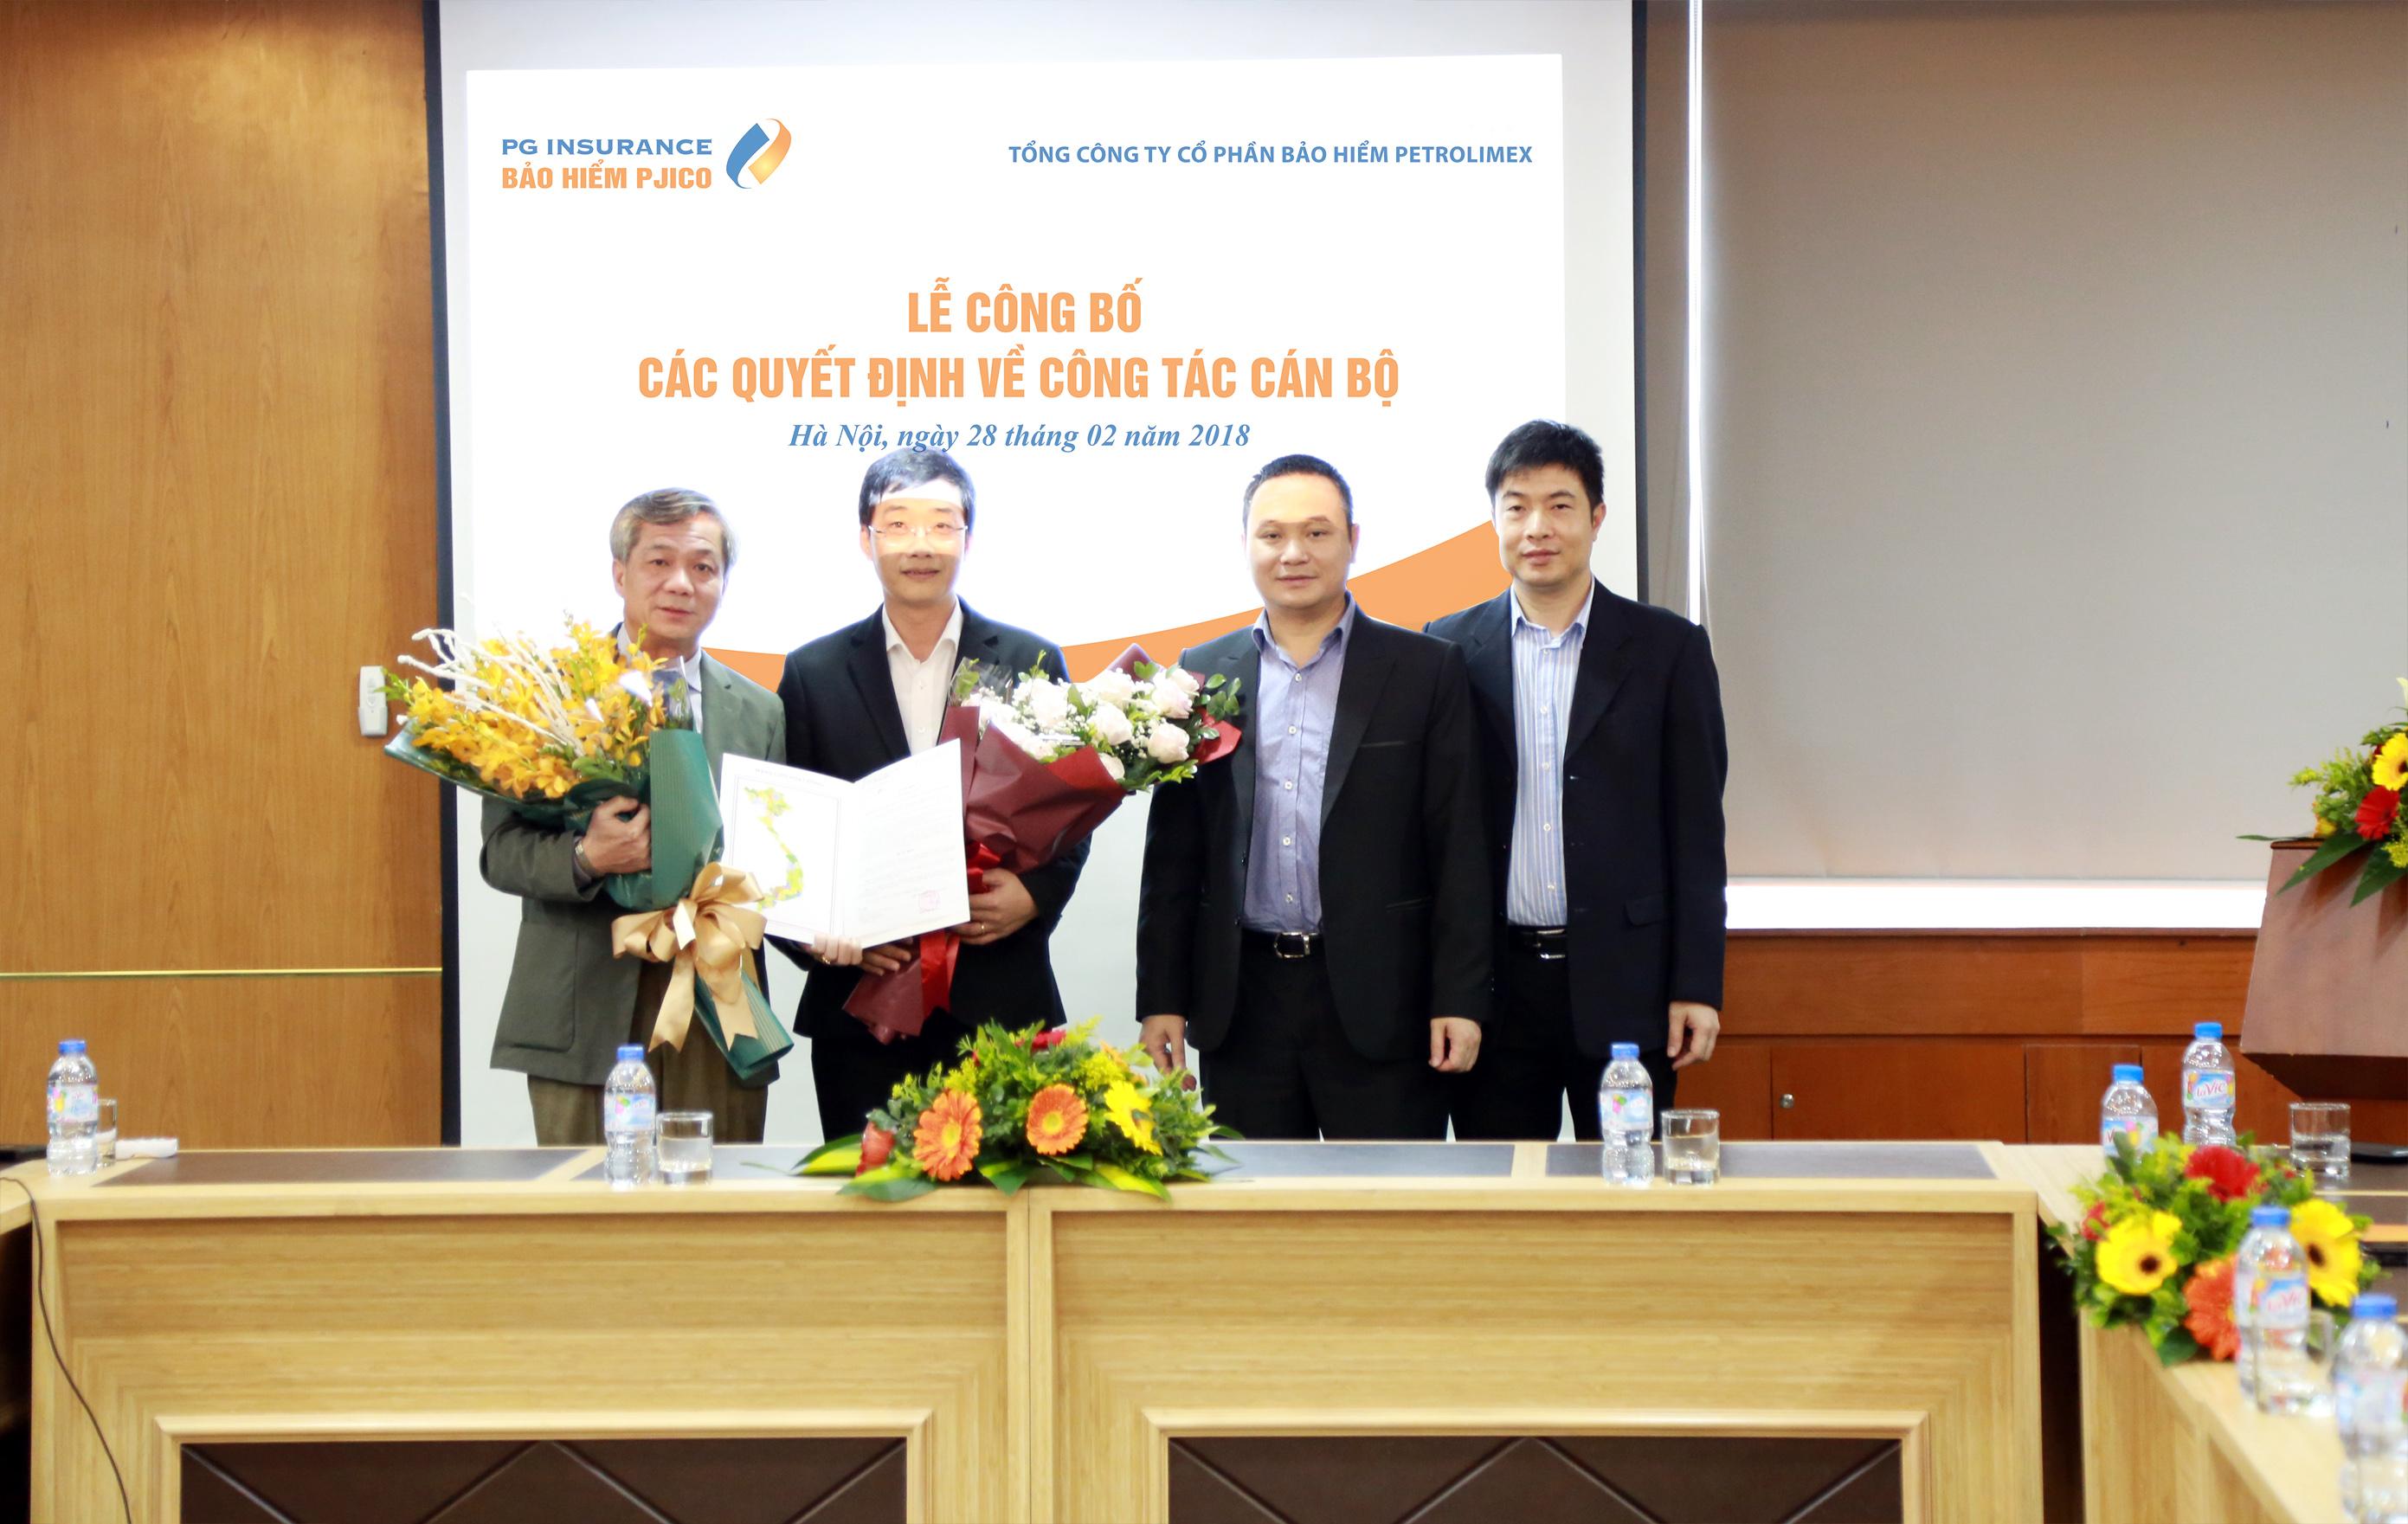 Lễ công bố quyết định nhân sự cấp cao PJICO